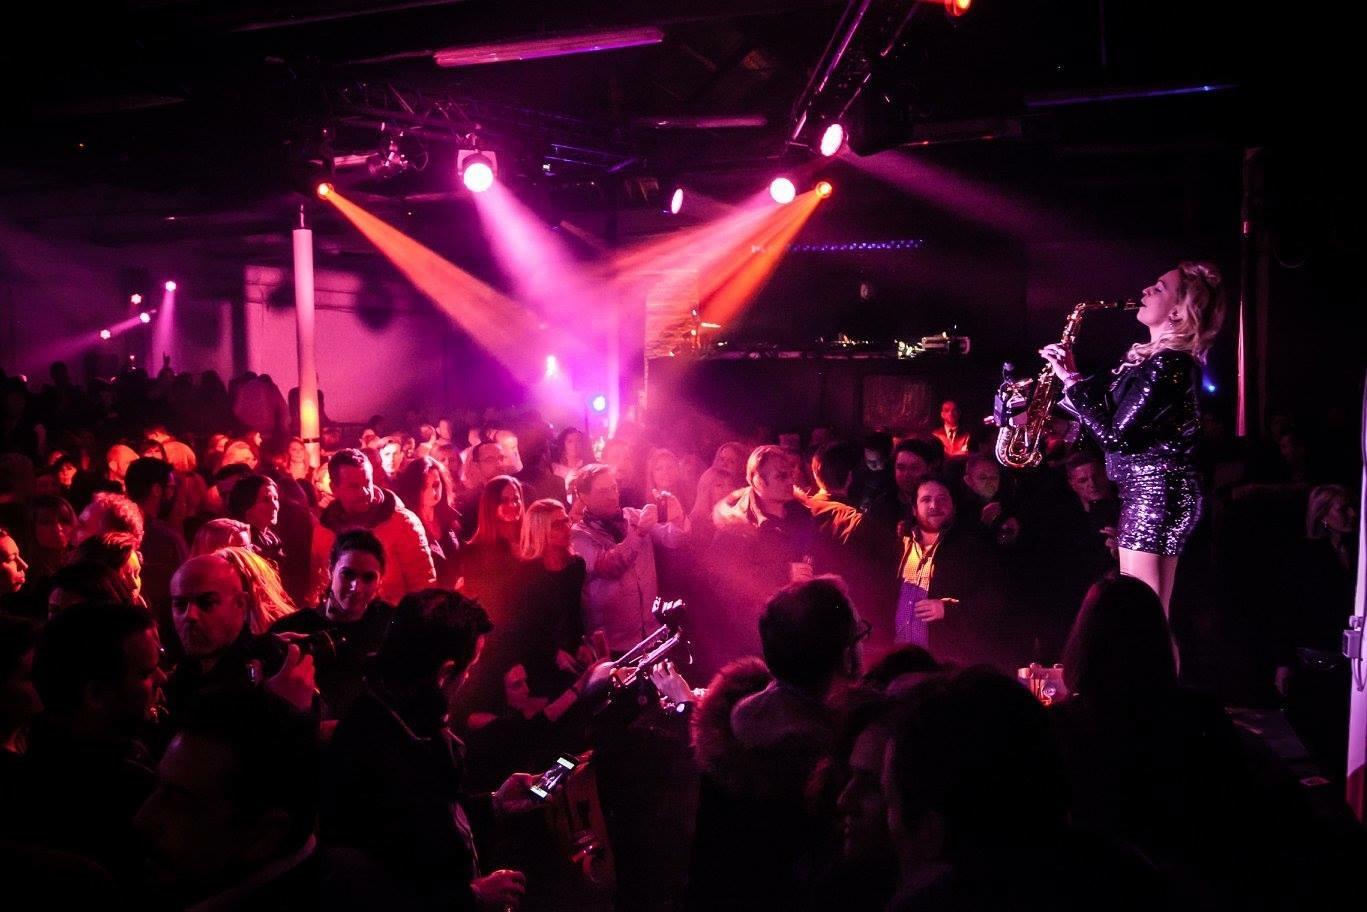 dj sax live deep house